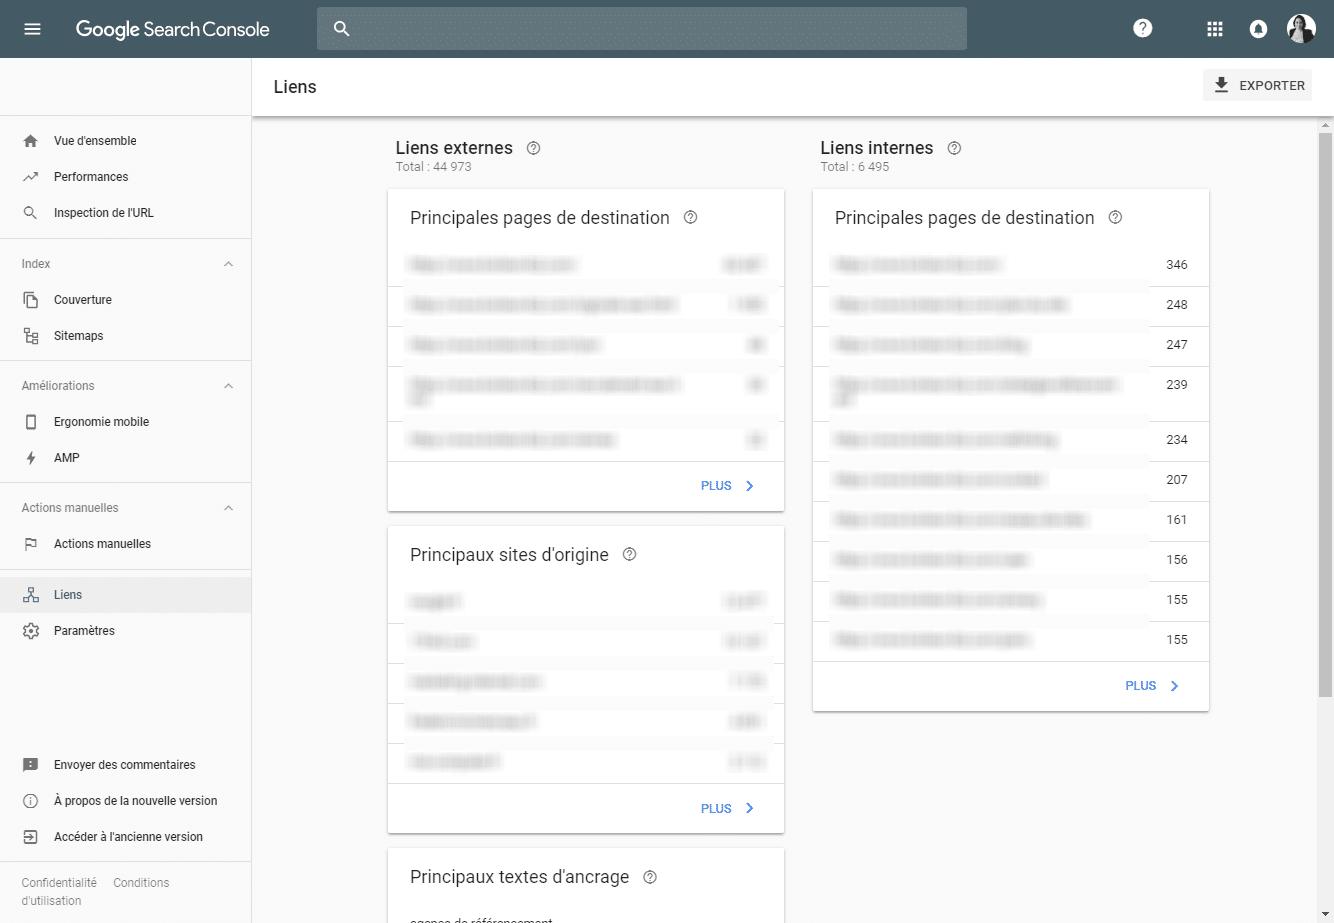 Google Search Console : Liens internes et externes